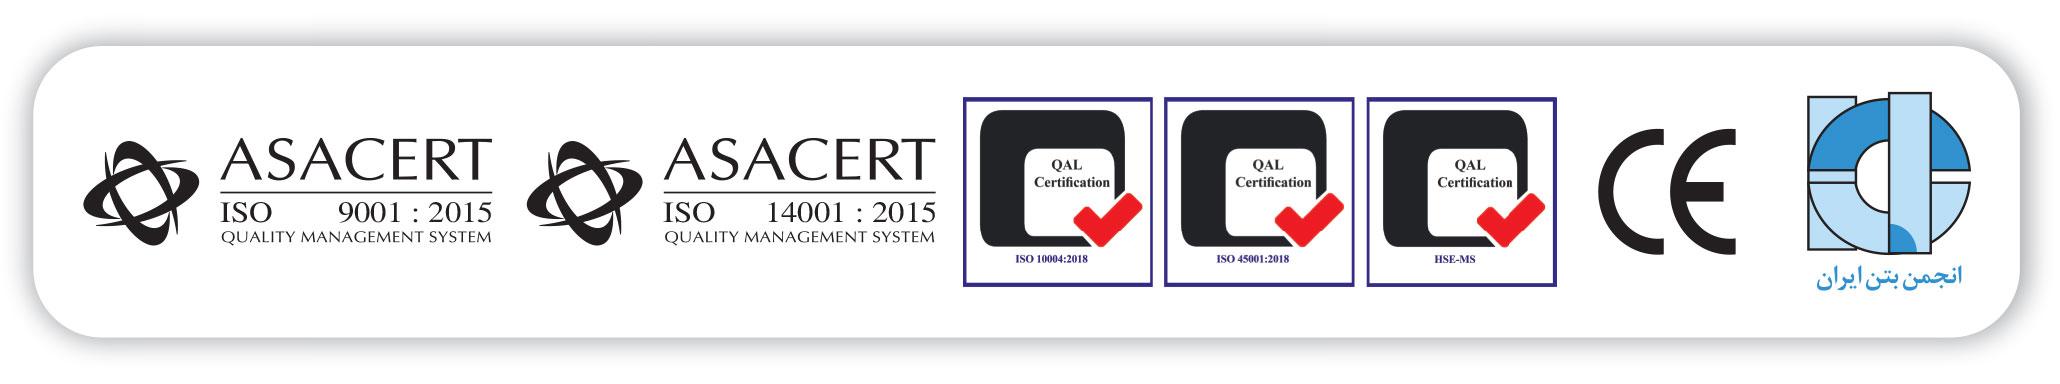 nsg certificate